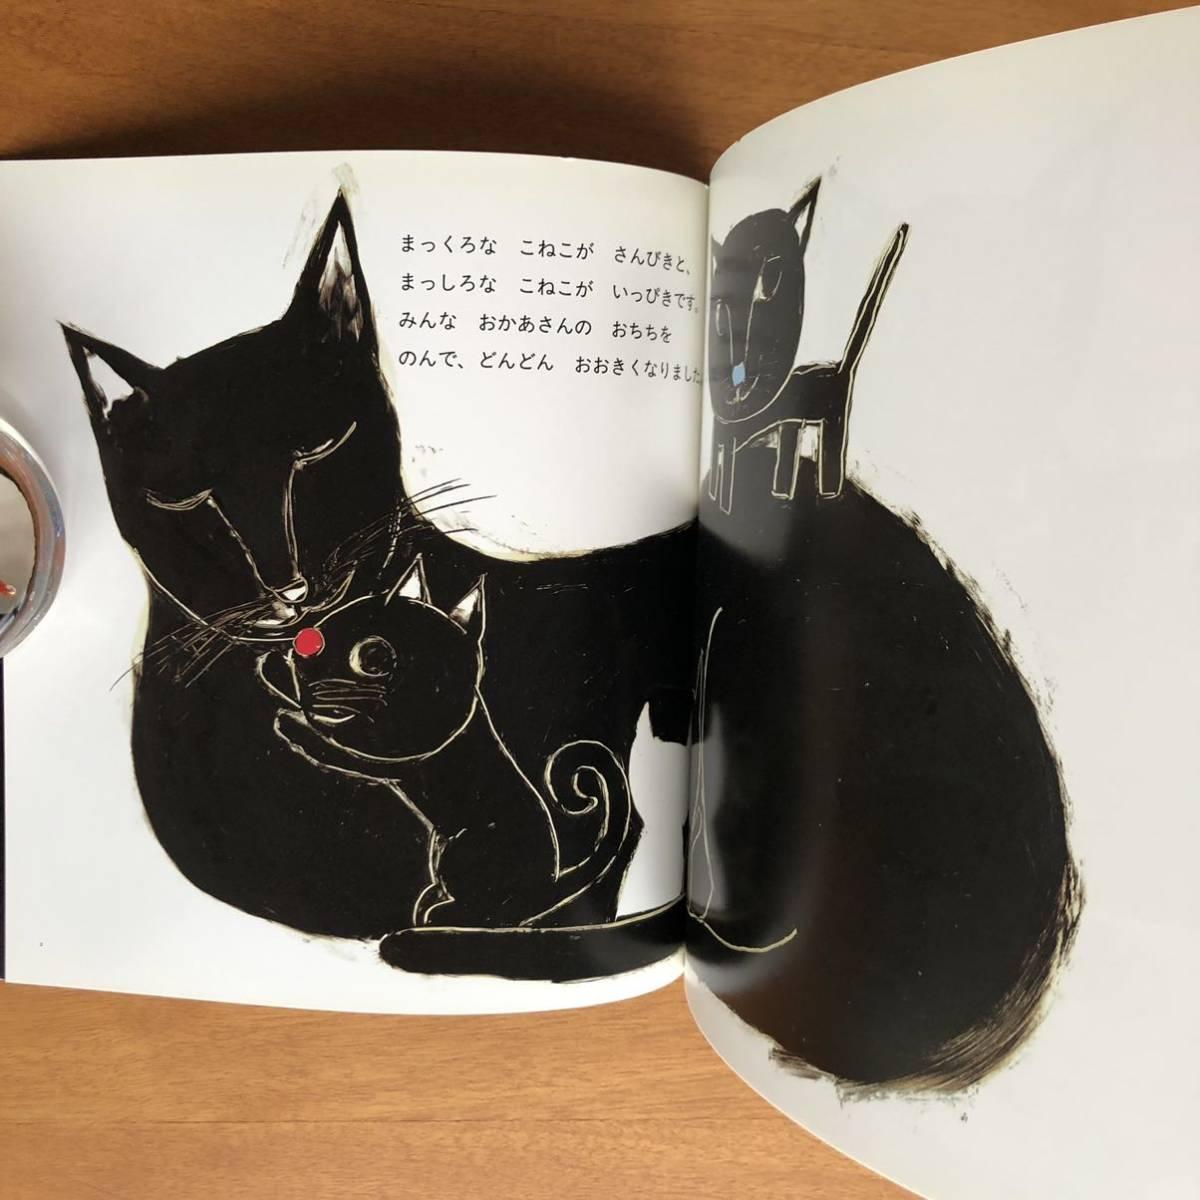 こどものとも年少版 しろねこ しろちゃん 森佐智子 MAYA MAXX 2002年 初版 古い 絵本 育児 保育 読み聞かせ 幼児 猫